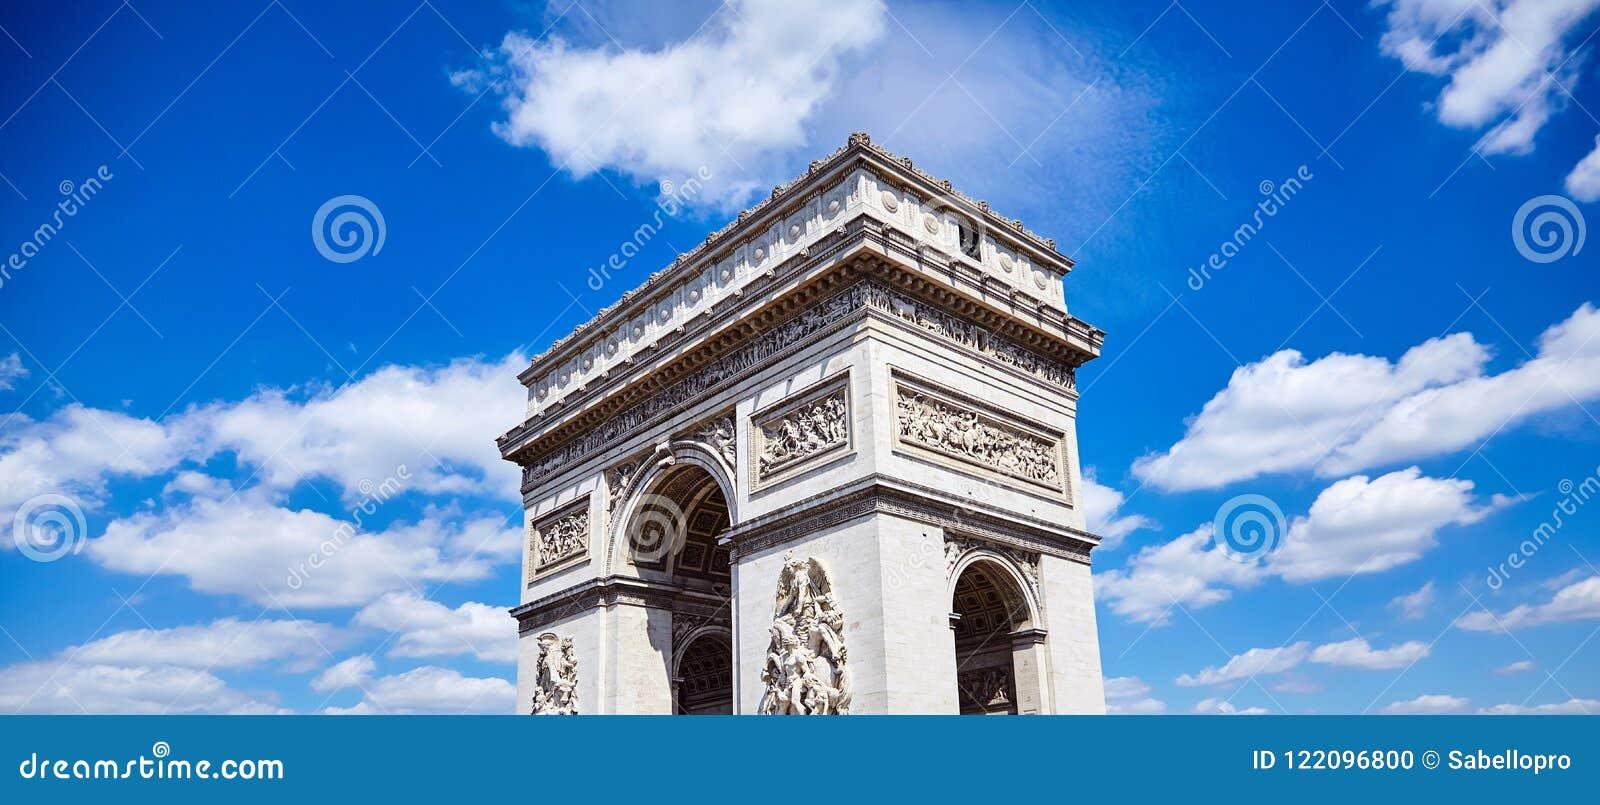 Arc de Triomphe triumf- båge i Champs-Elysees, Paris, franc